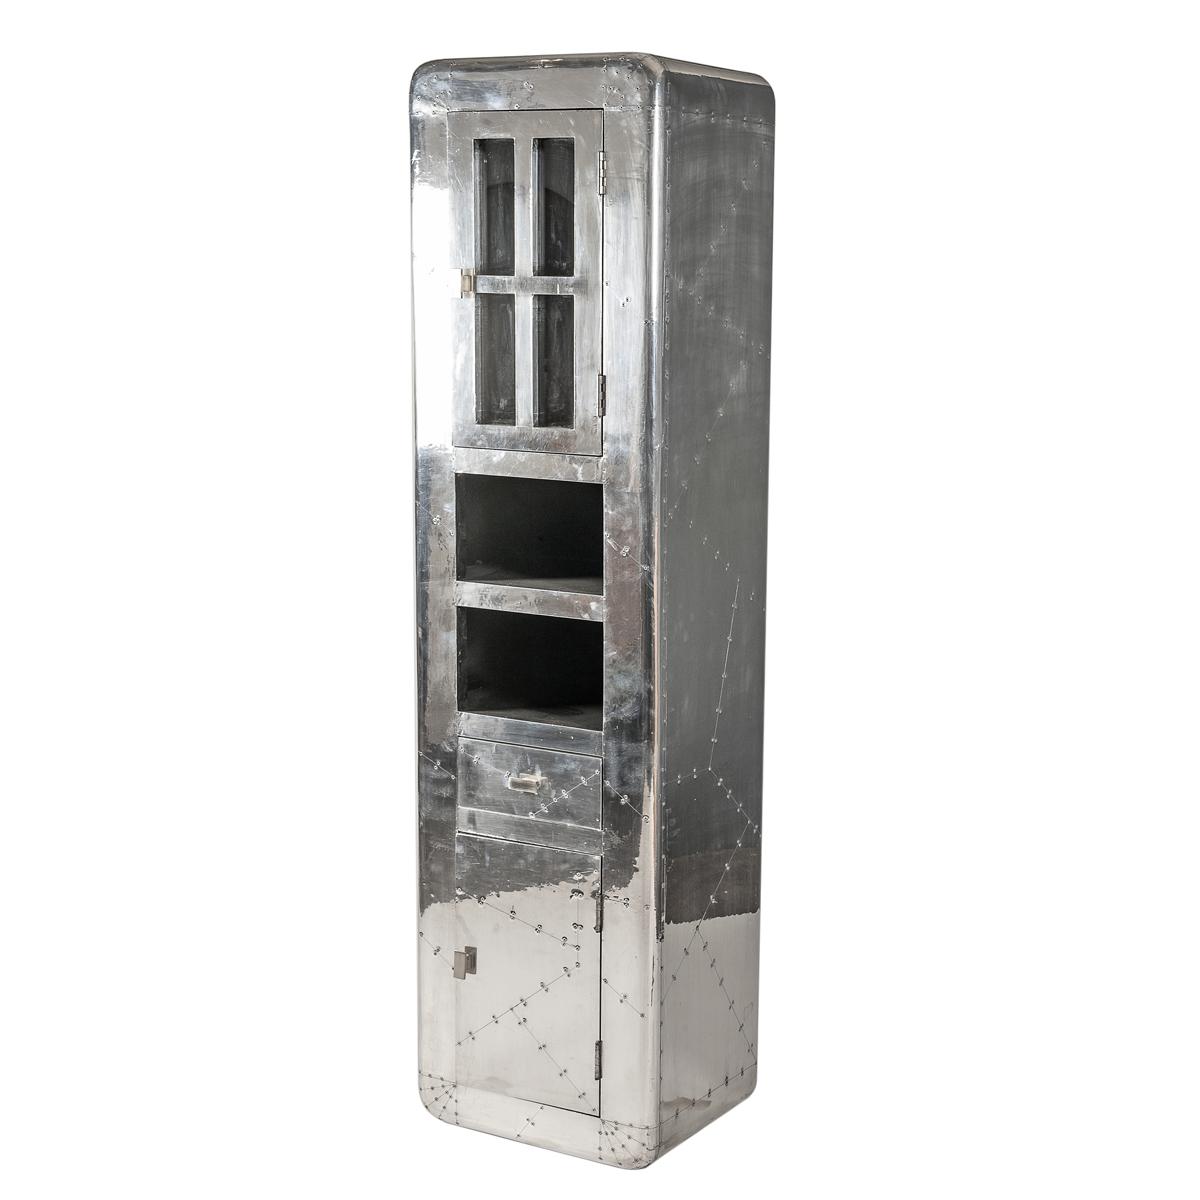 hochschrank airman badezimmer schrank mit aluminium beschlagen im flugzeugdesign ebay. Black Bedroom Furniture Sets. Home Design Ideas